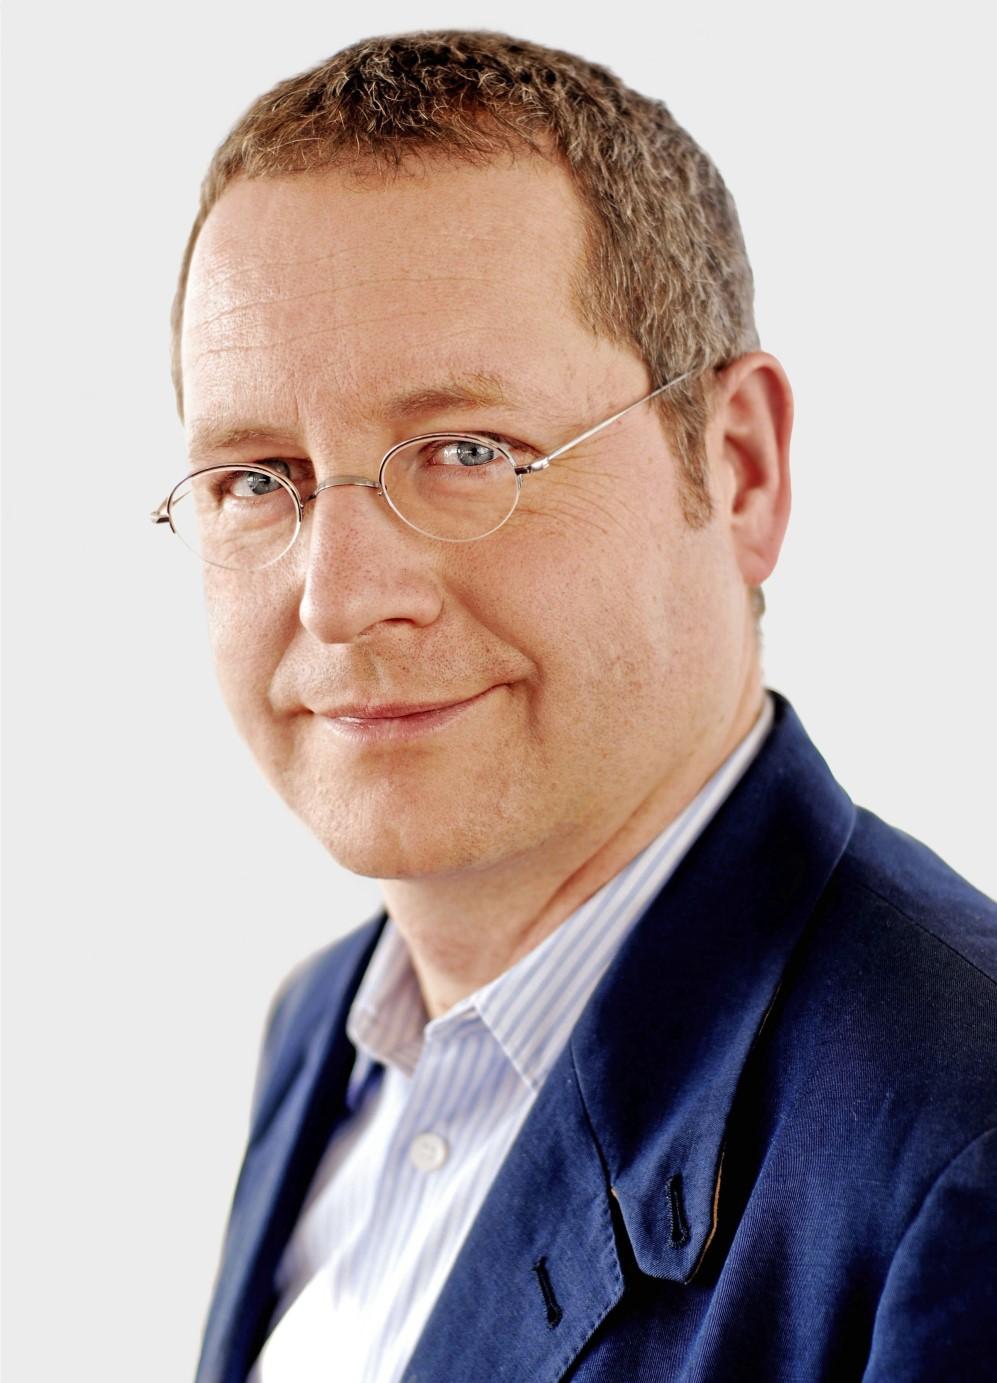 Spiegel tv offenbar vor weiterem stellenabbau for Spiegel tv news